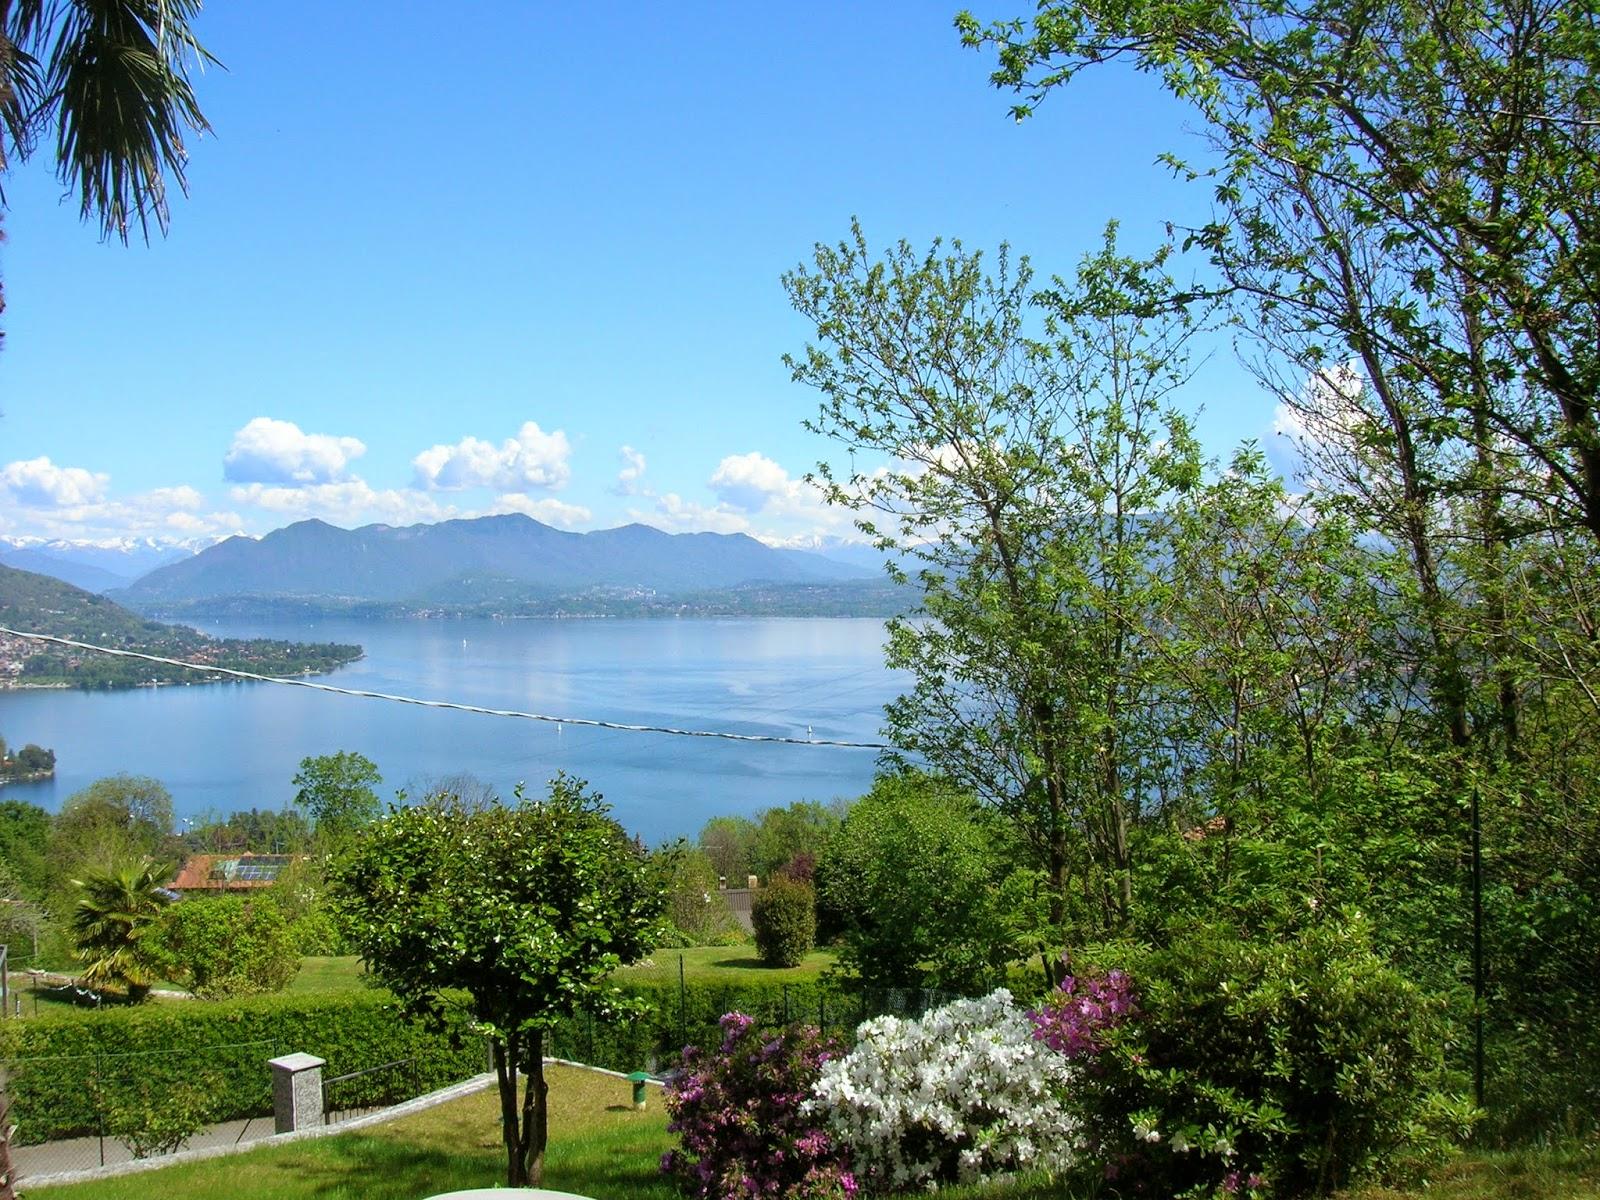 ali alla fantasia: B&B La Terrazza sul lago a Dagnente - Arona e ...